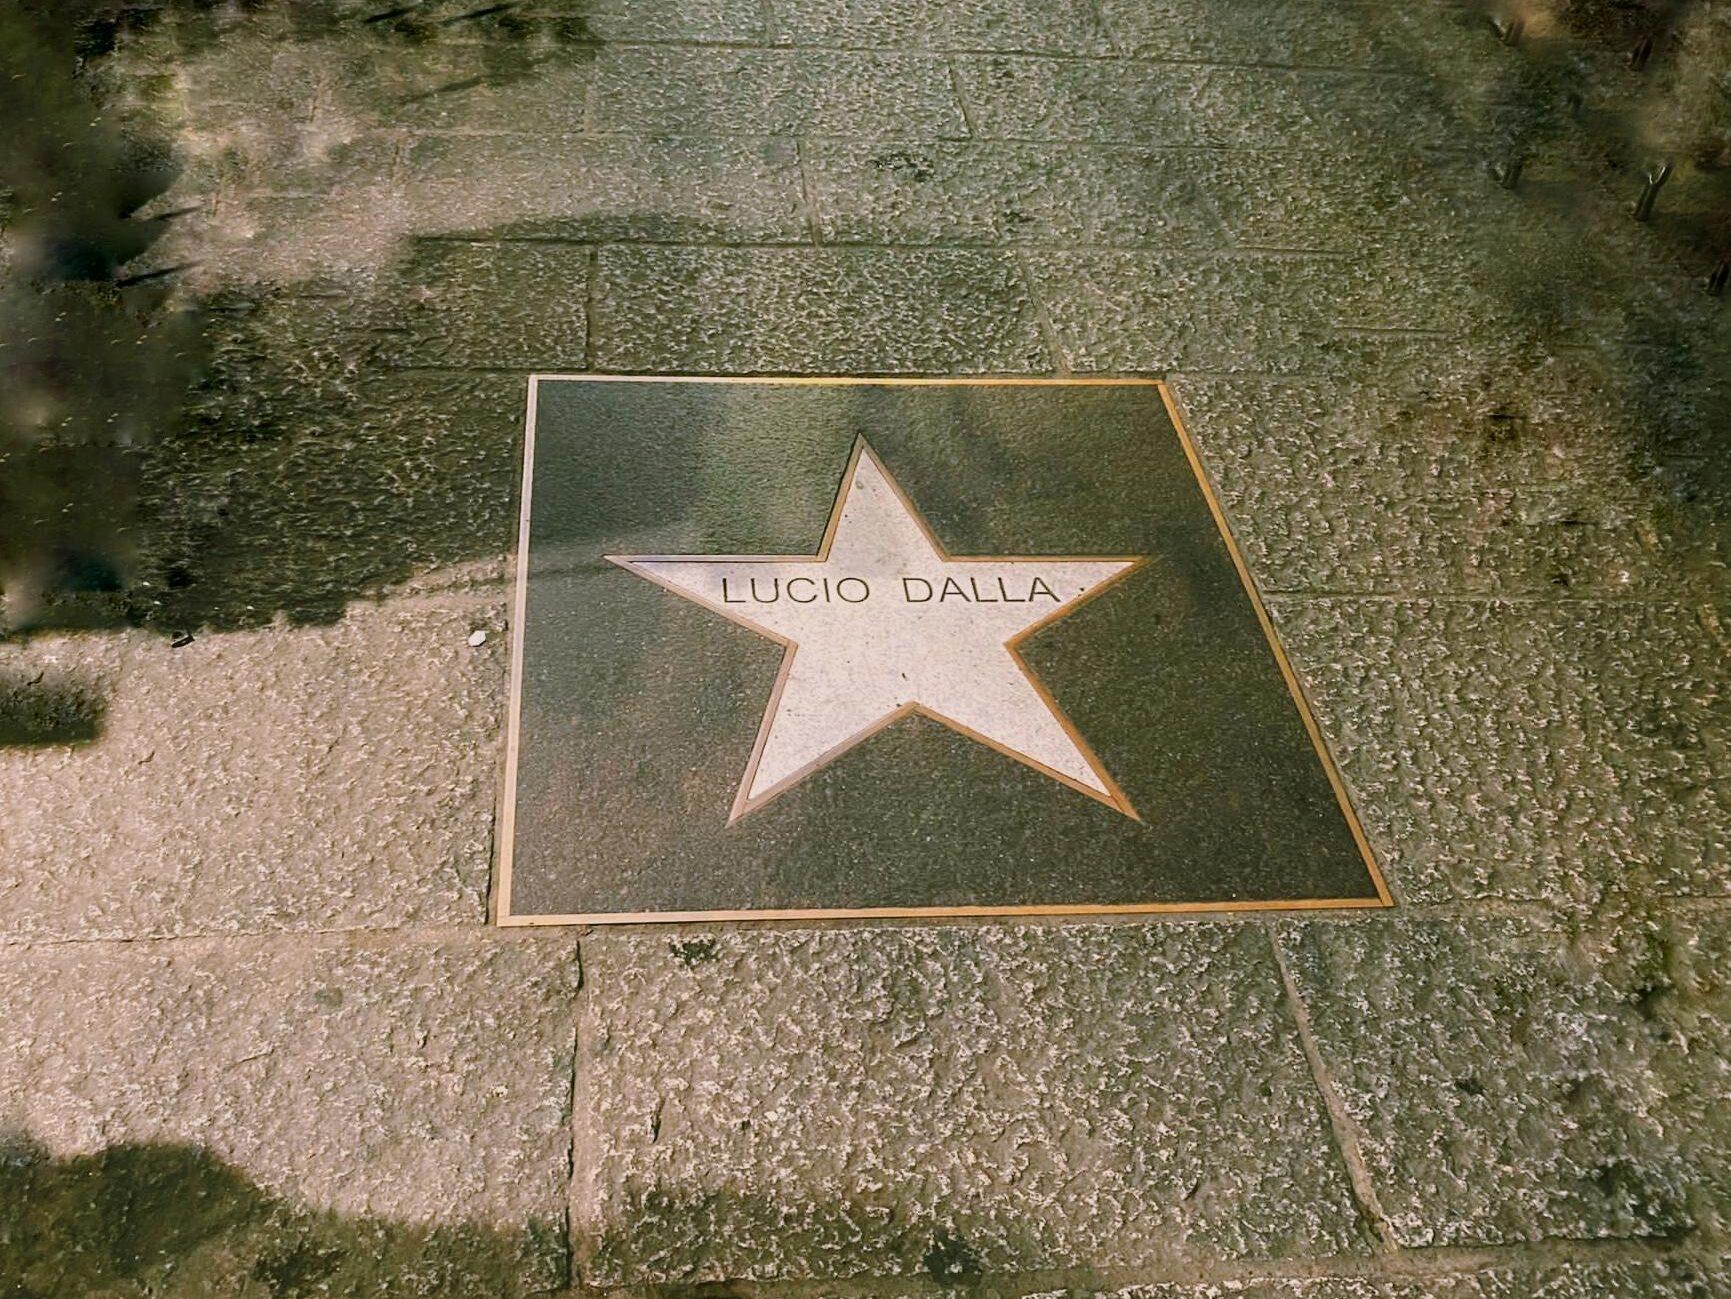 La stella dedicata a Lucio Dalla lungo Via degli Orefici a Bologna